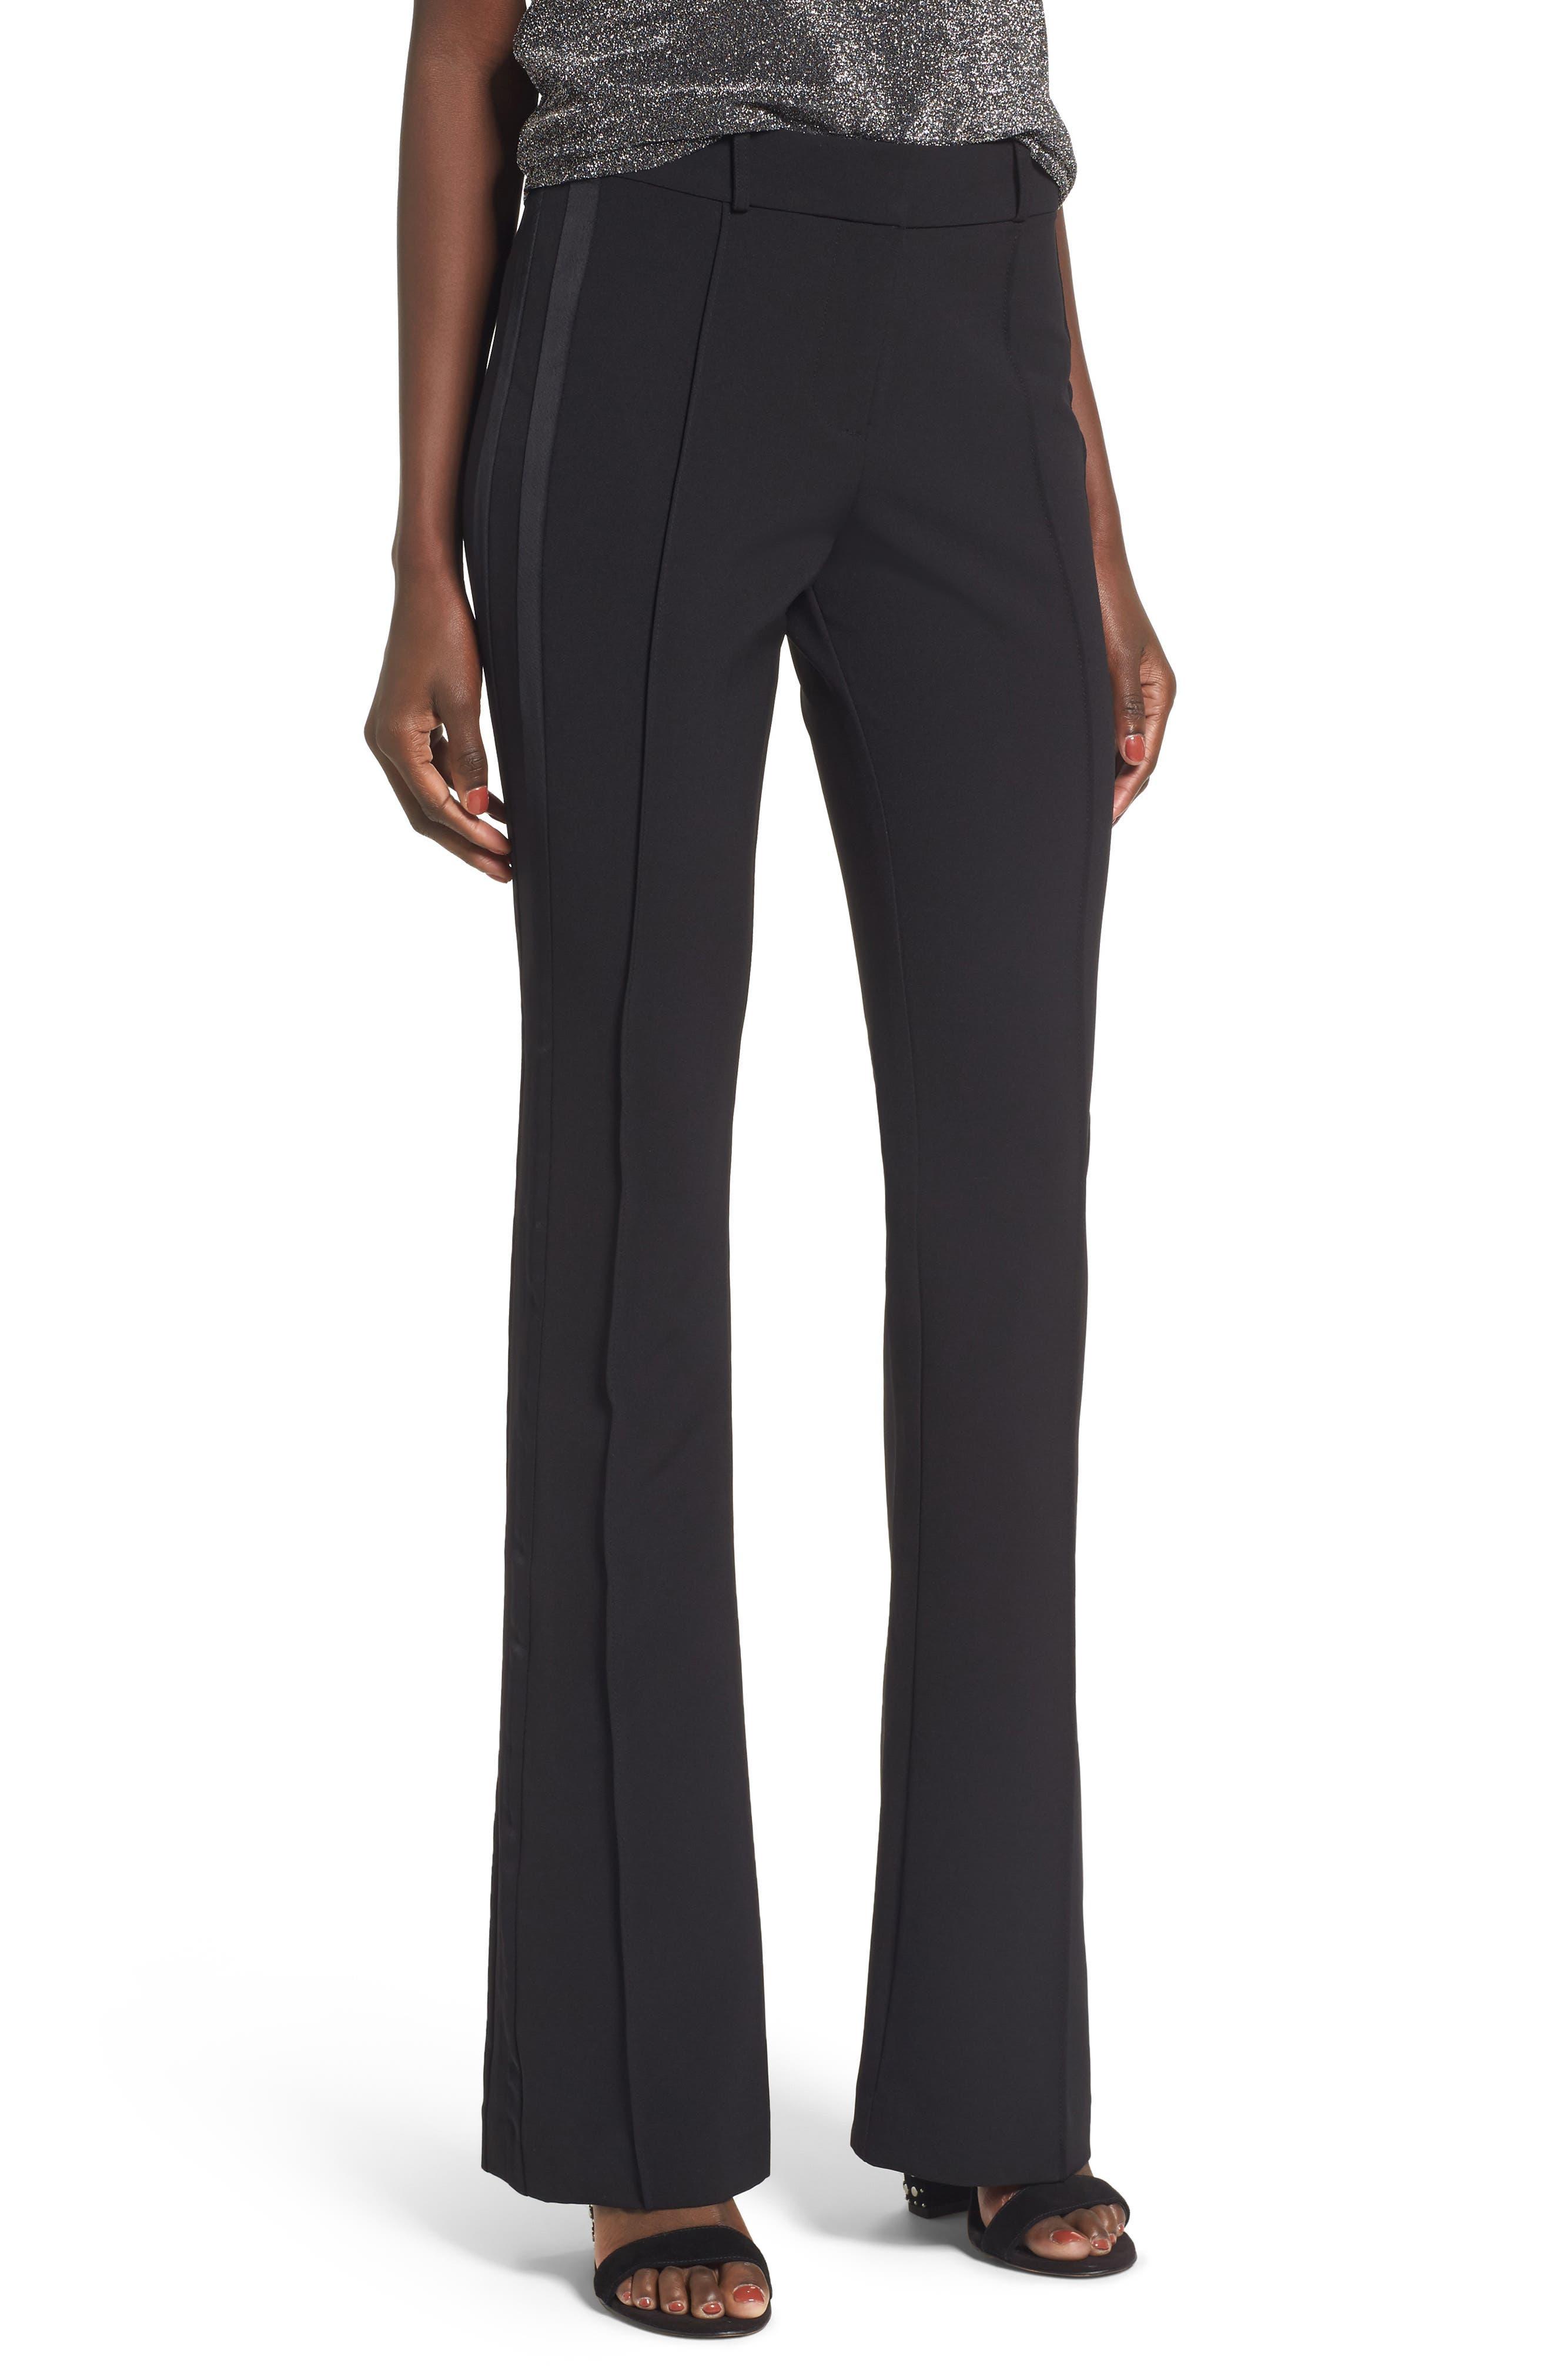 Roxy Flare Leg Pants,                         Main,                         color, 001